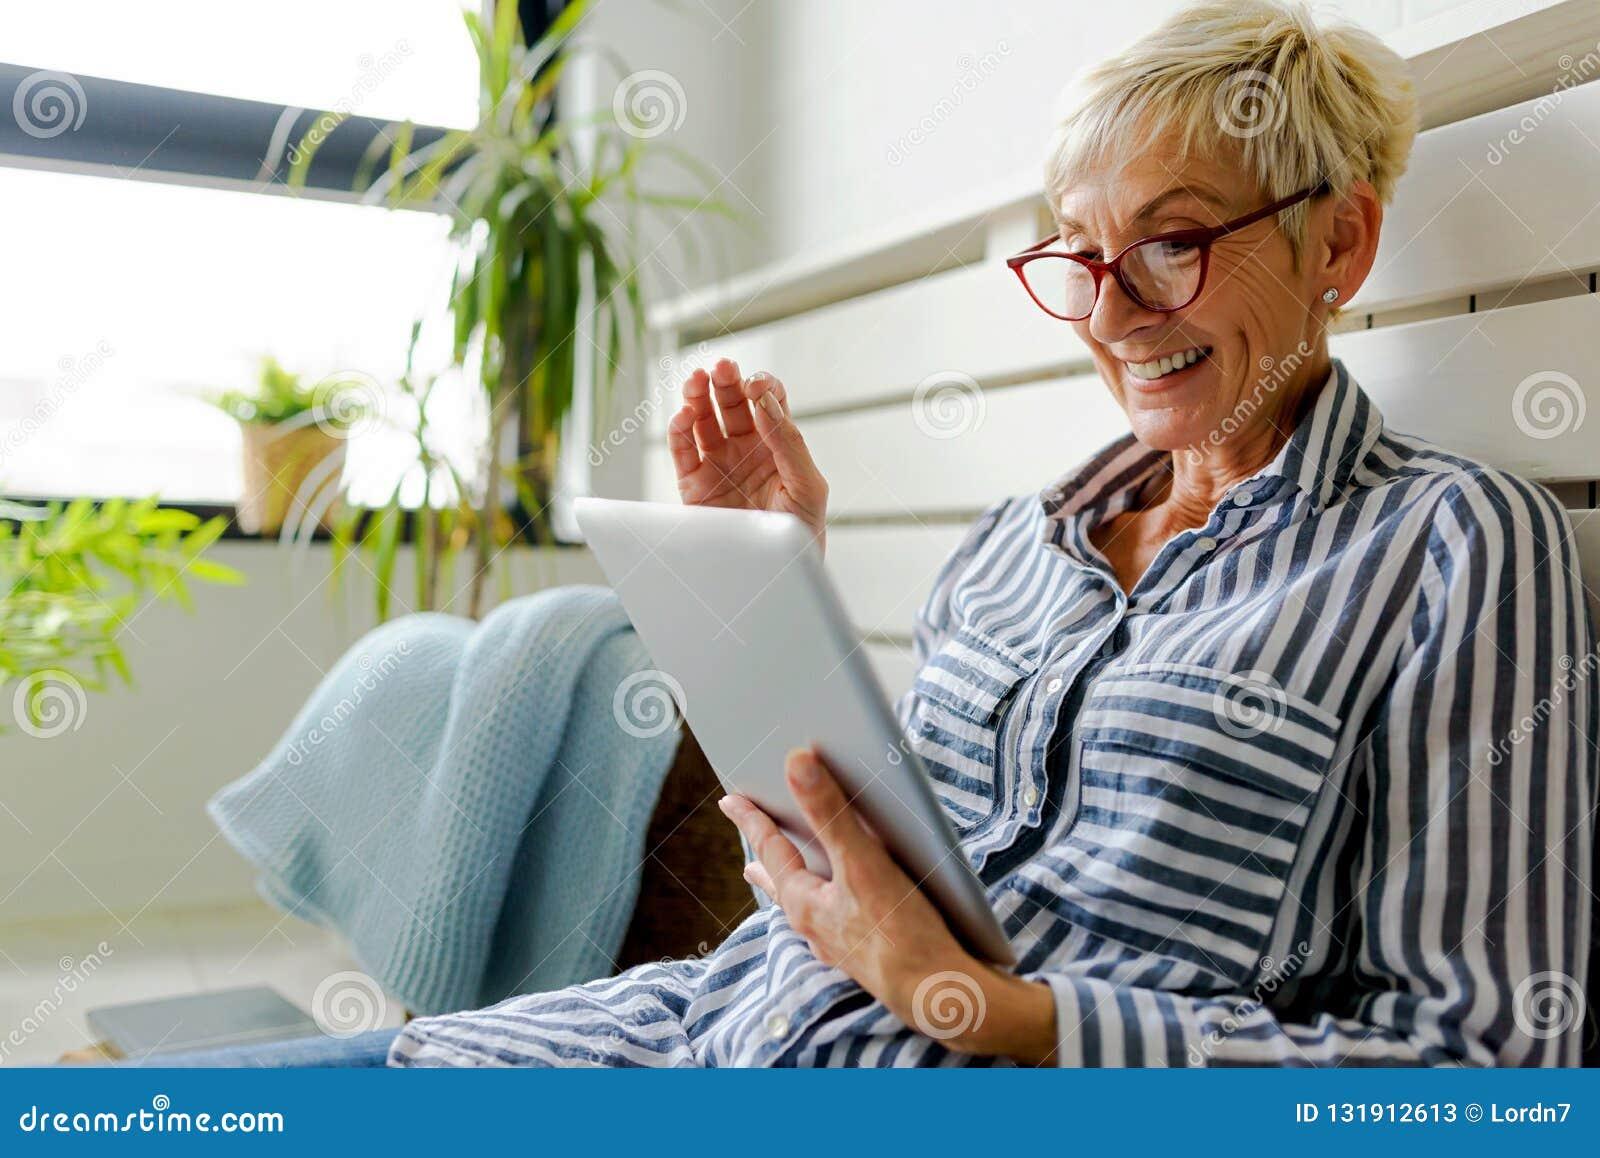 Lächelnde schöne ältere Frau, die zu Hause digitale Tablette verwendet